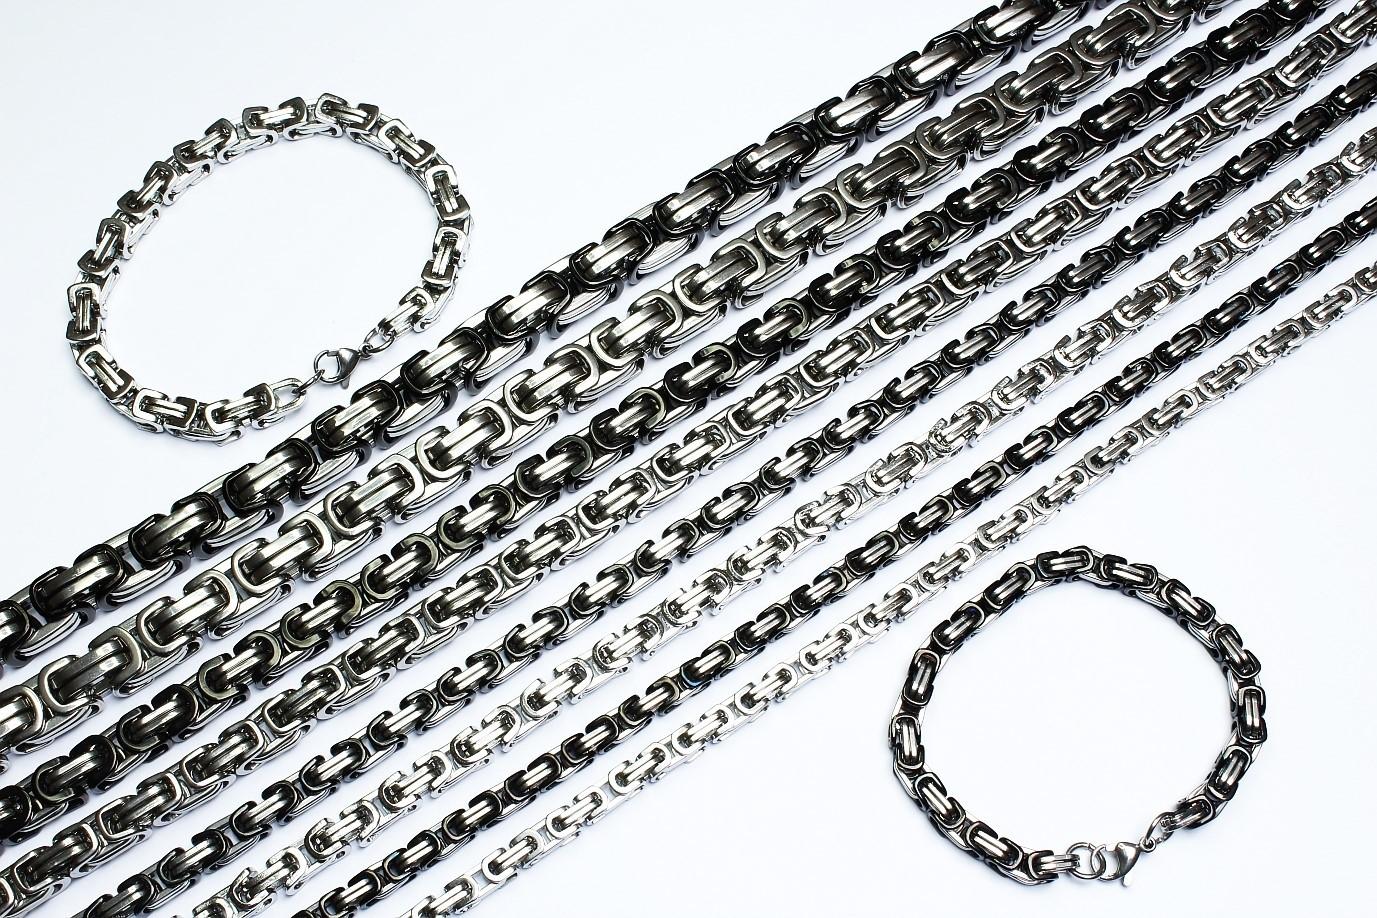 Byzantiner Königskette mit Armband Panzerkette Edelstahl silber und silber-schwarz